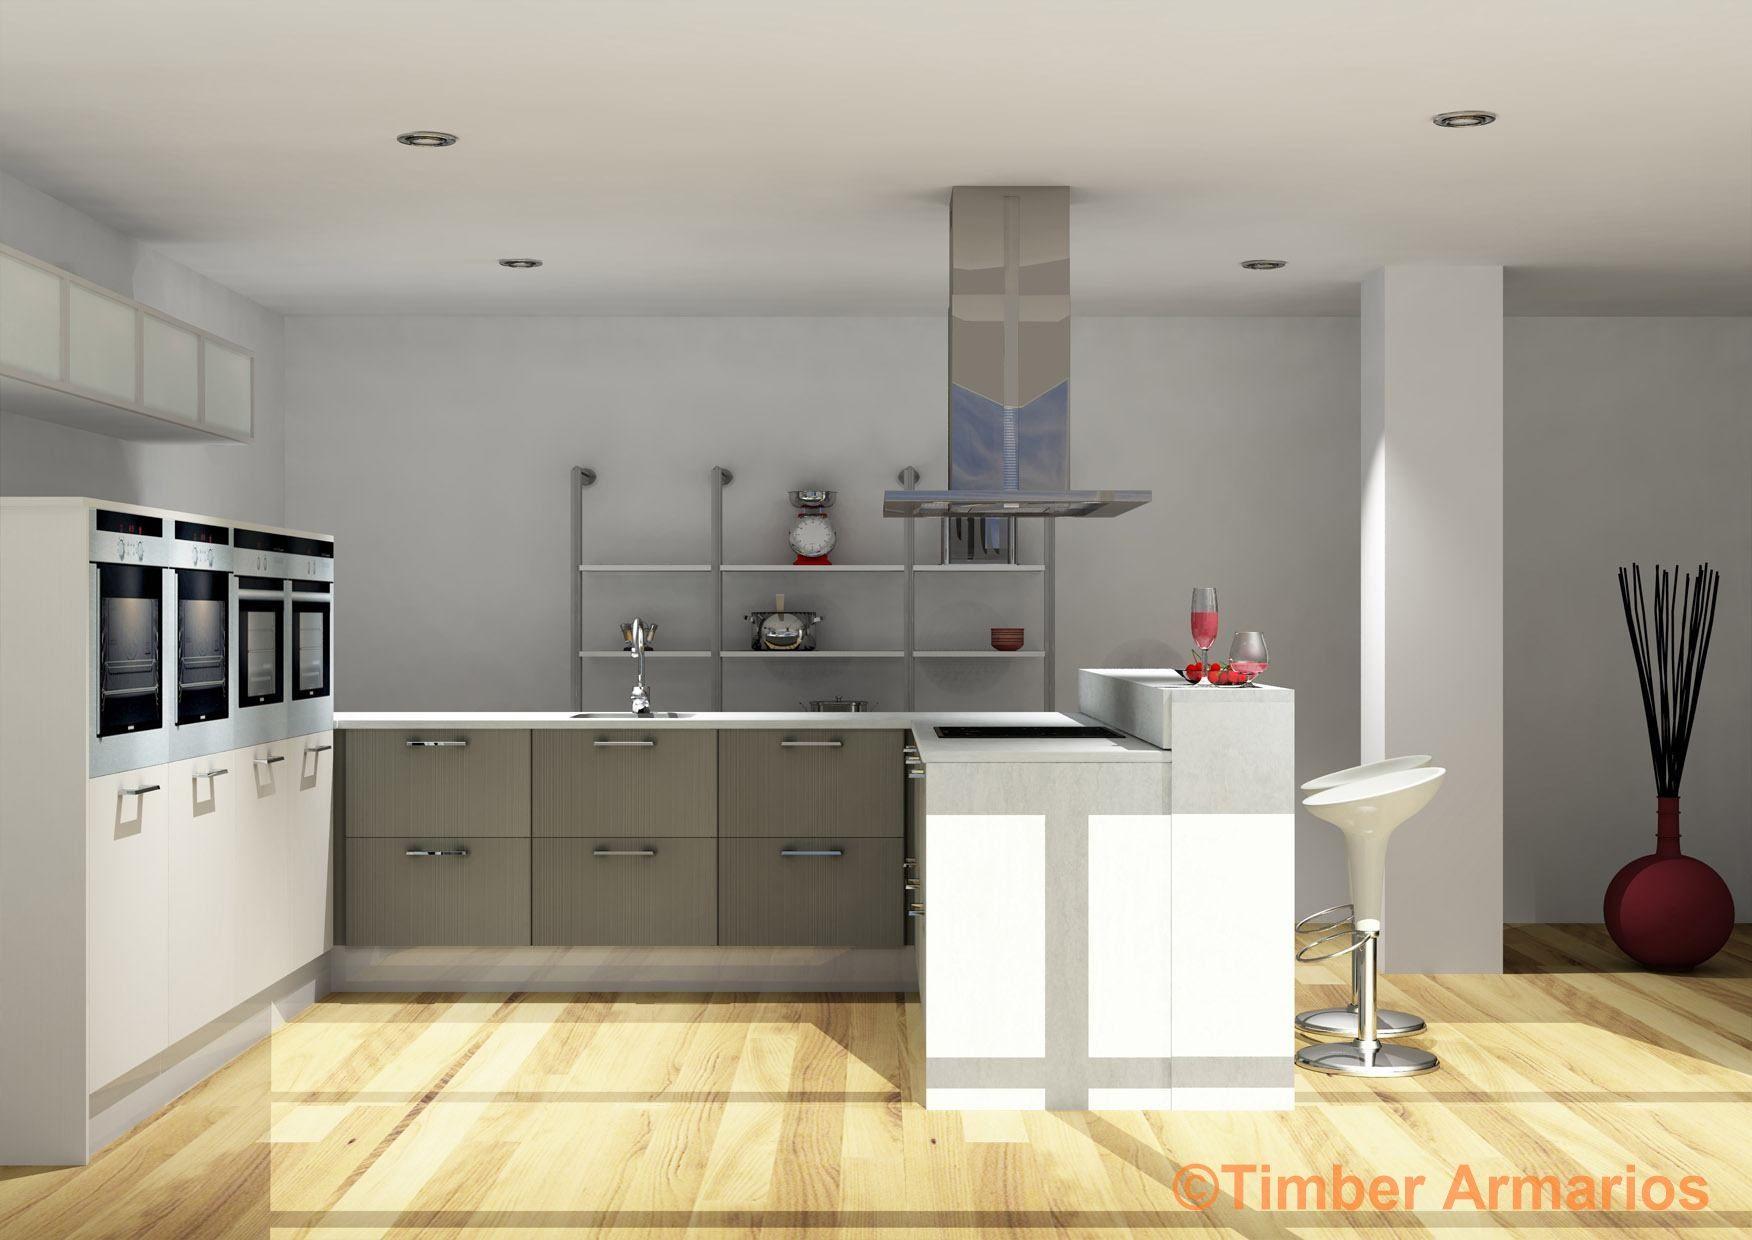 Diseno cocinas 3d 10 cool programa diseo baos banos d for Programa diseno cocinas 3d